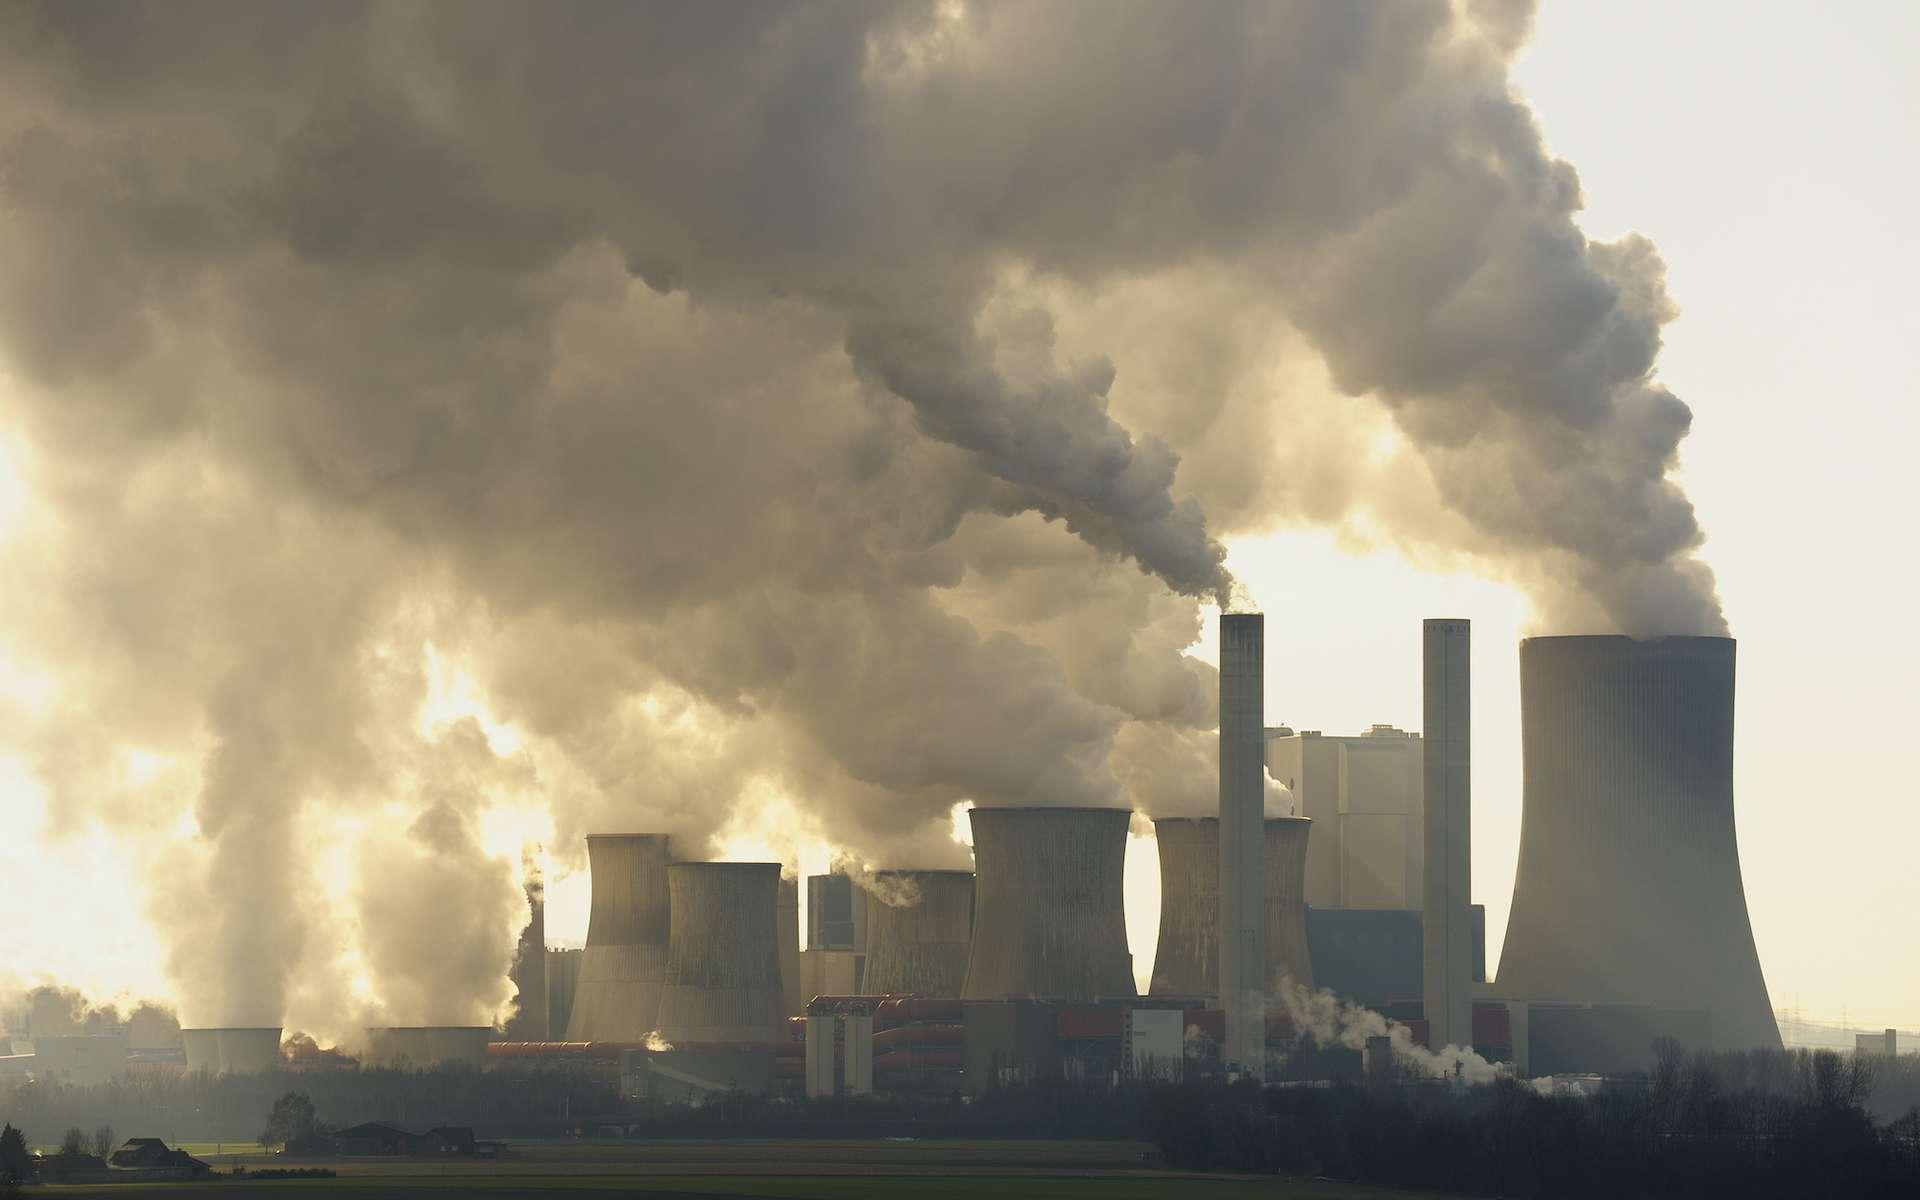 Les émissions de CO2 ont augmenté de 1,9 % en 2018. © Ana Gram, Adobe Stock